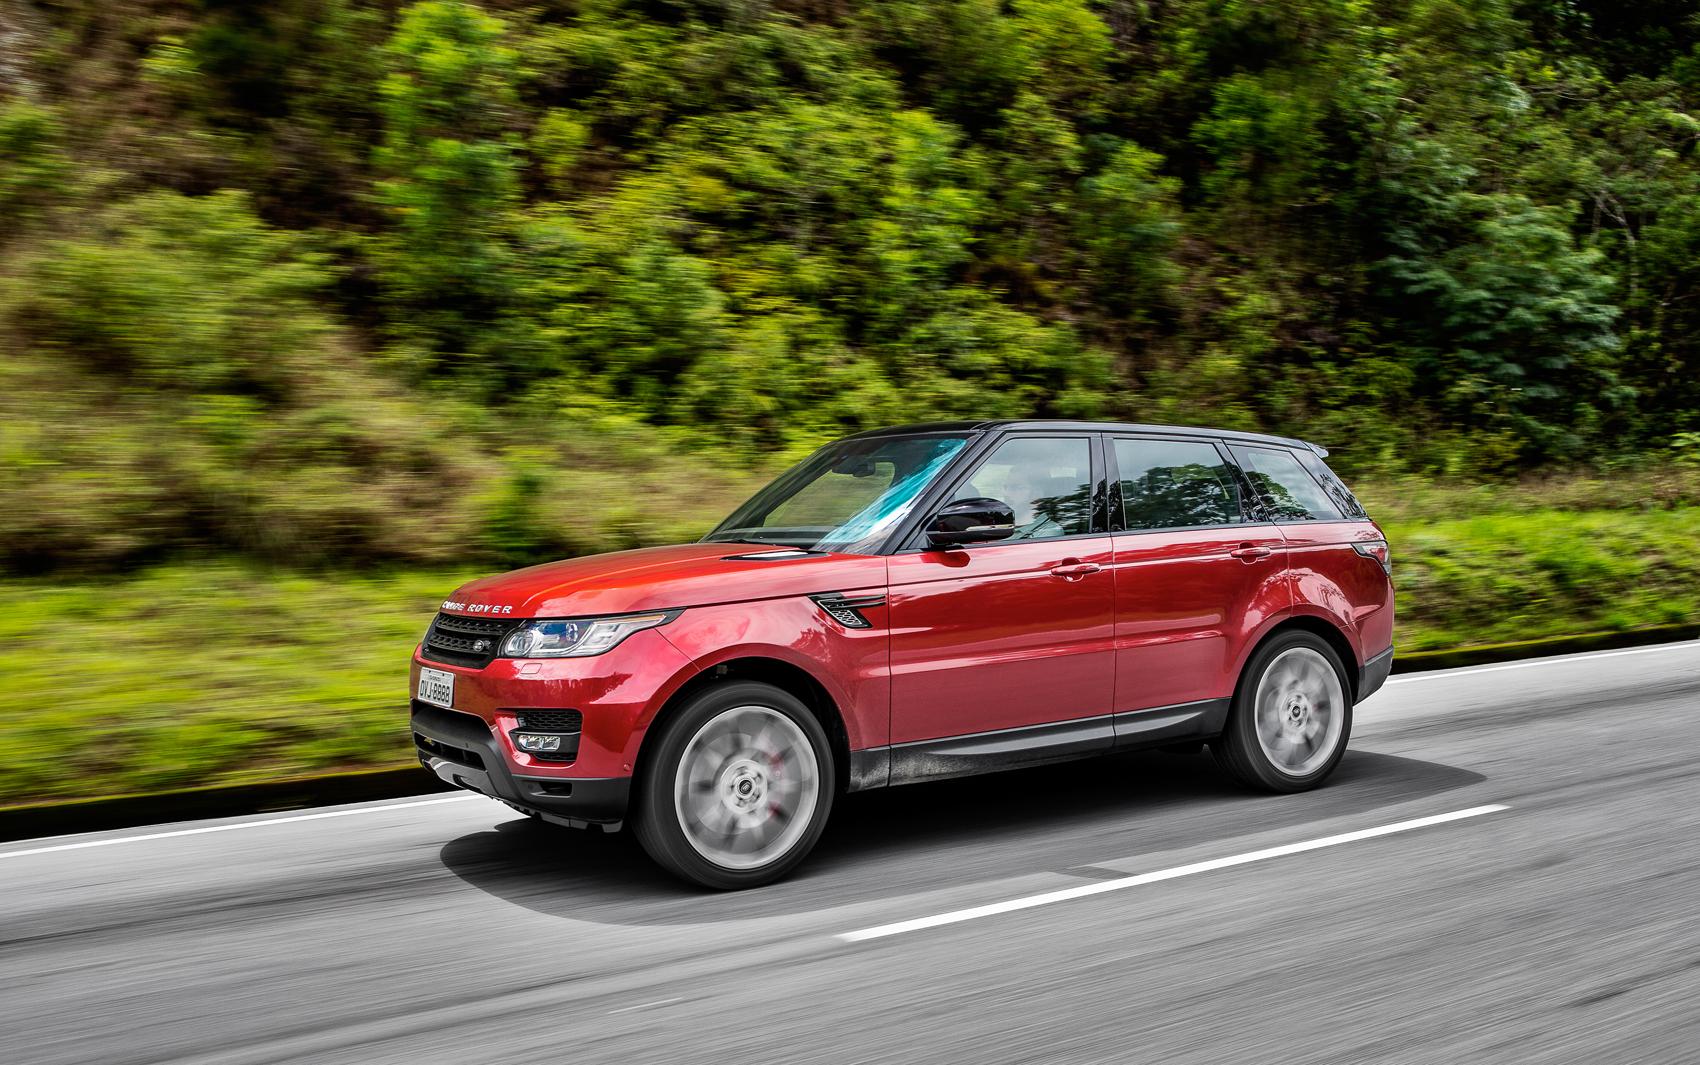 Novo Land Rover Range Rover Sport tem preços que vão de R$ 377,5 mil a R$ 539,9 mil